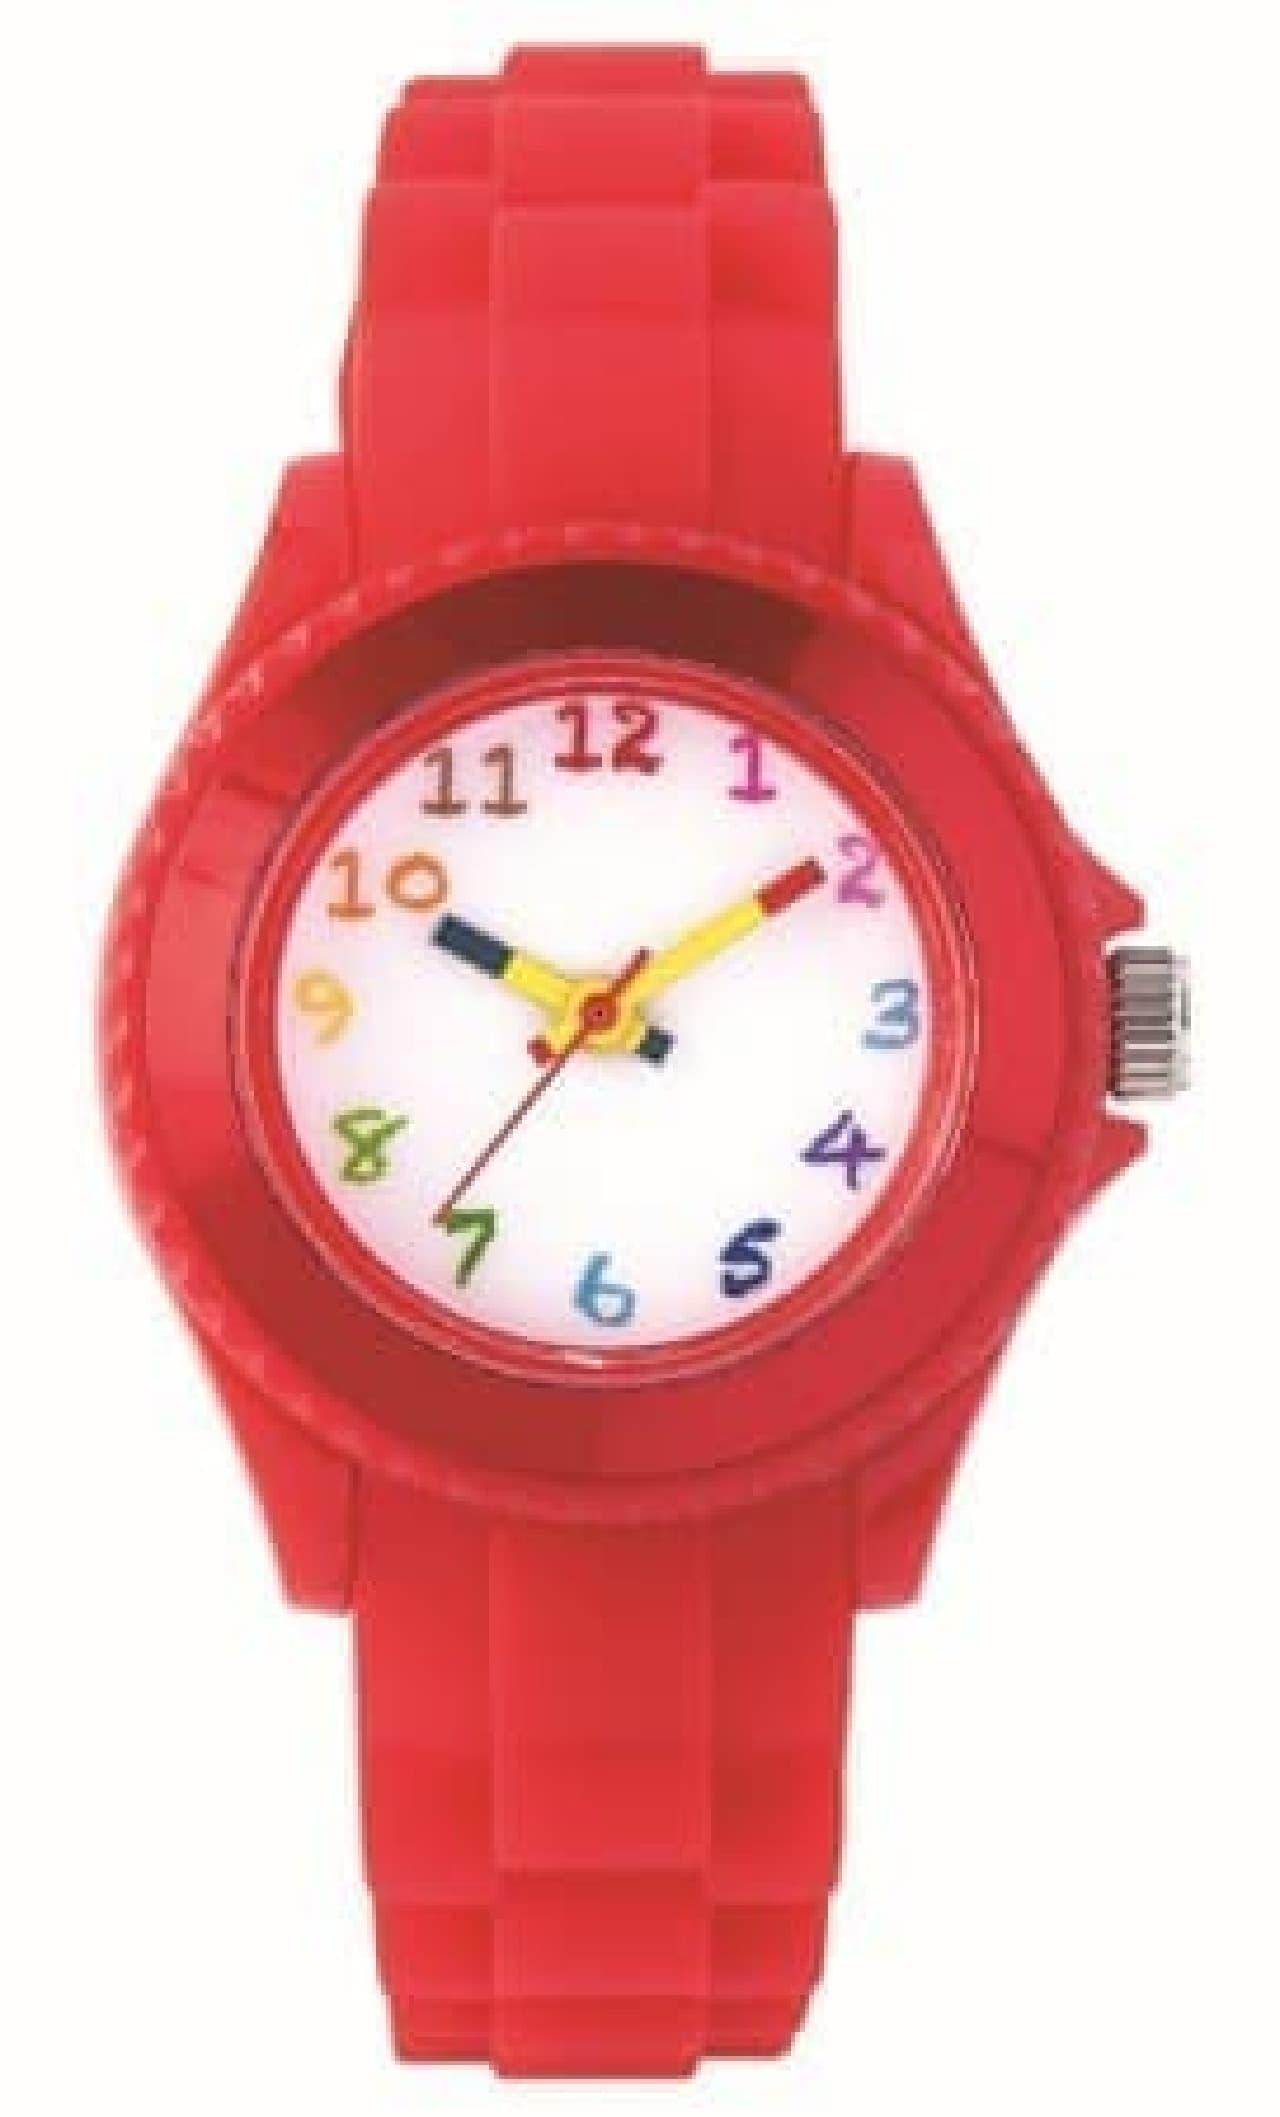 サクラクレパスとコラボした腕時計「クレパス柄トケイ」